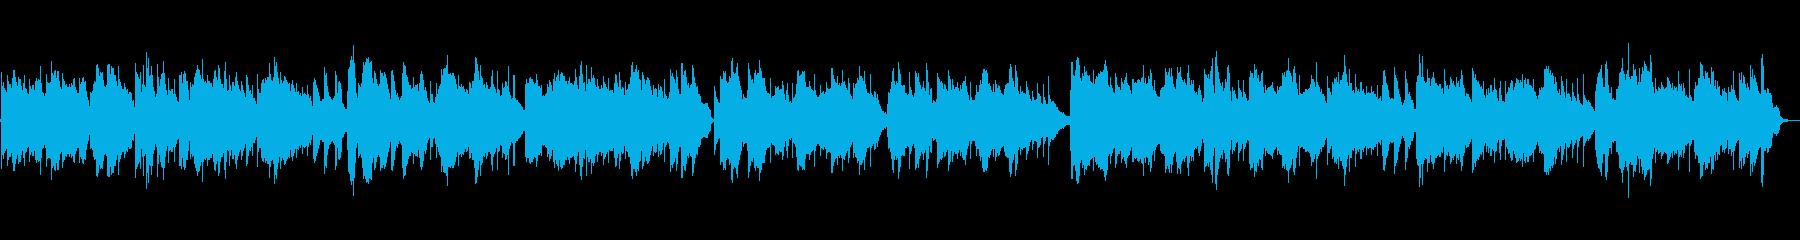 アコーディオンのアイリッシュ風バラードの再生済みの波形